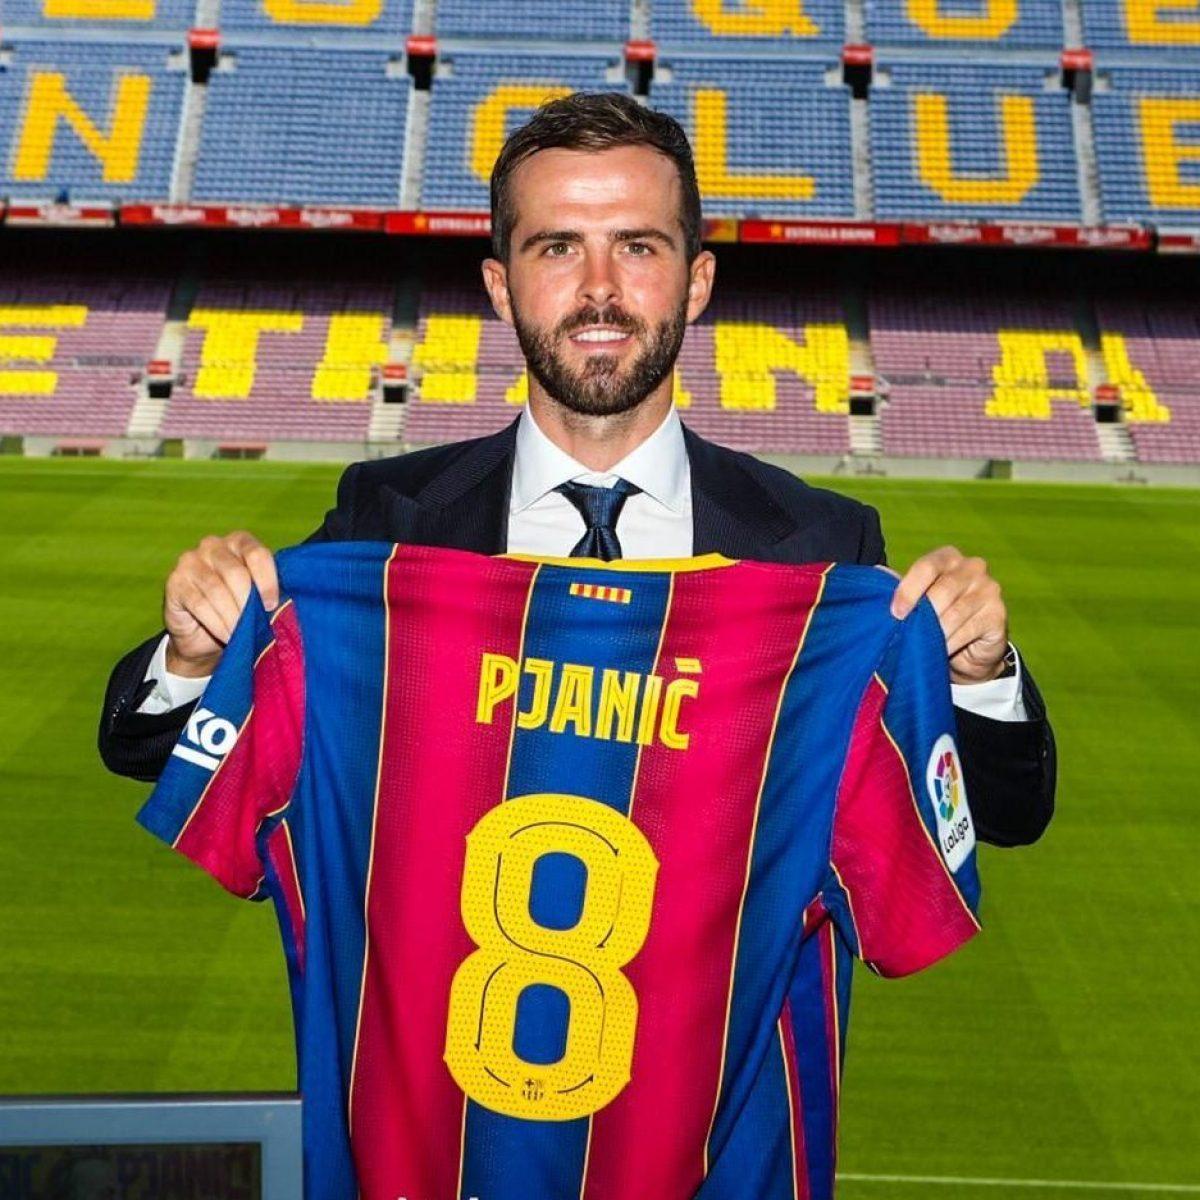 Pjanic si presenta al Barcellona ma non dimentica la Juve: Ho ...